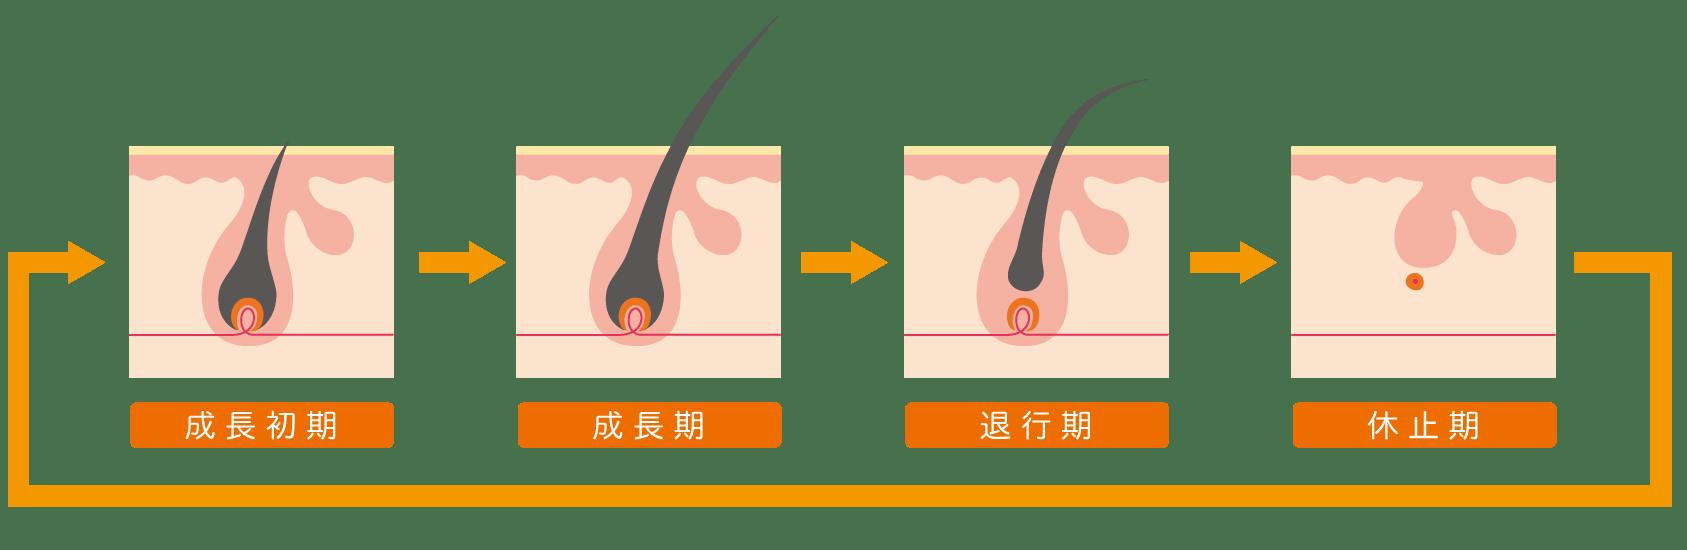 毛周期 脱毛 メカニズム